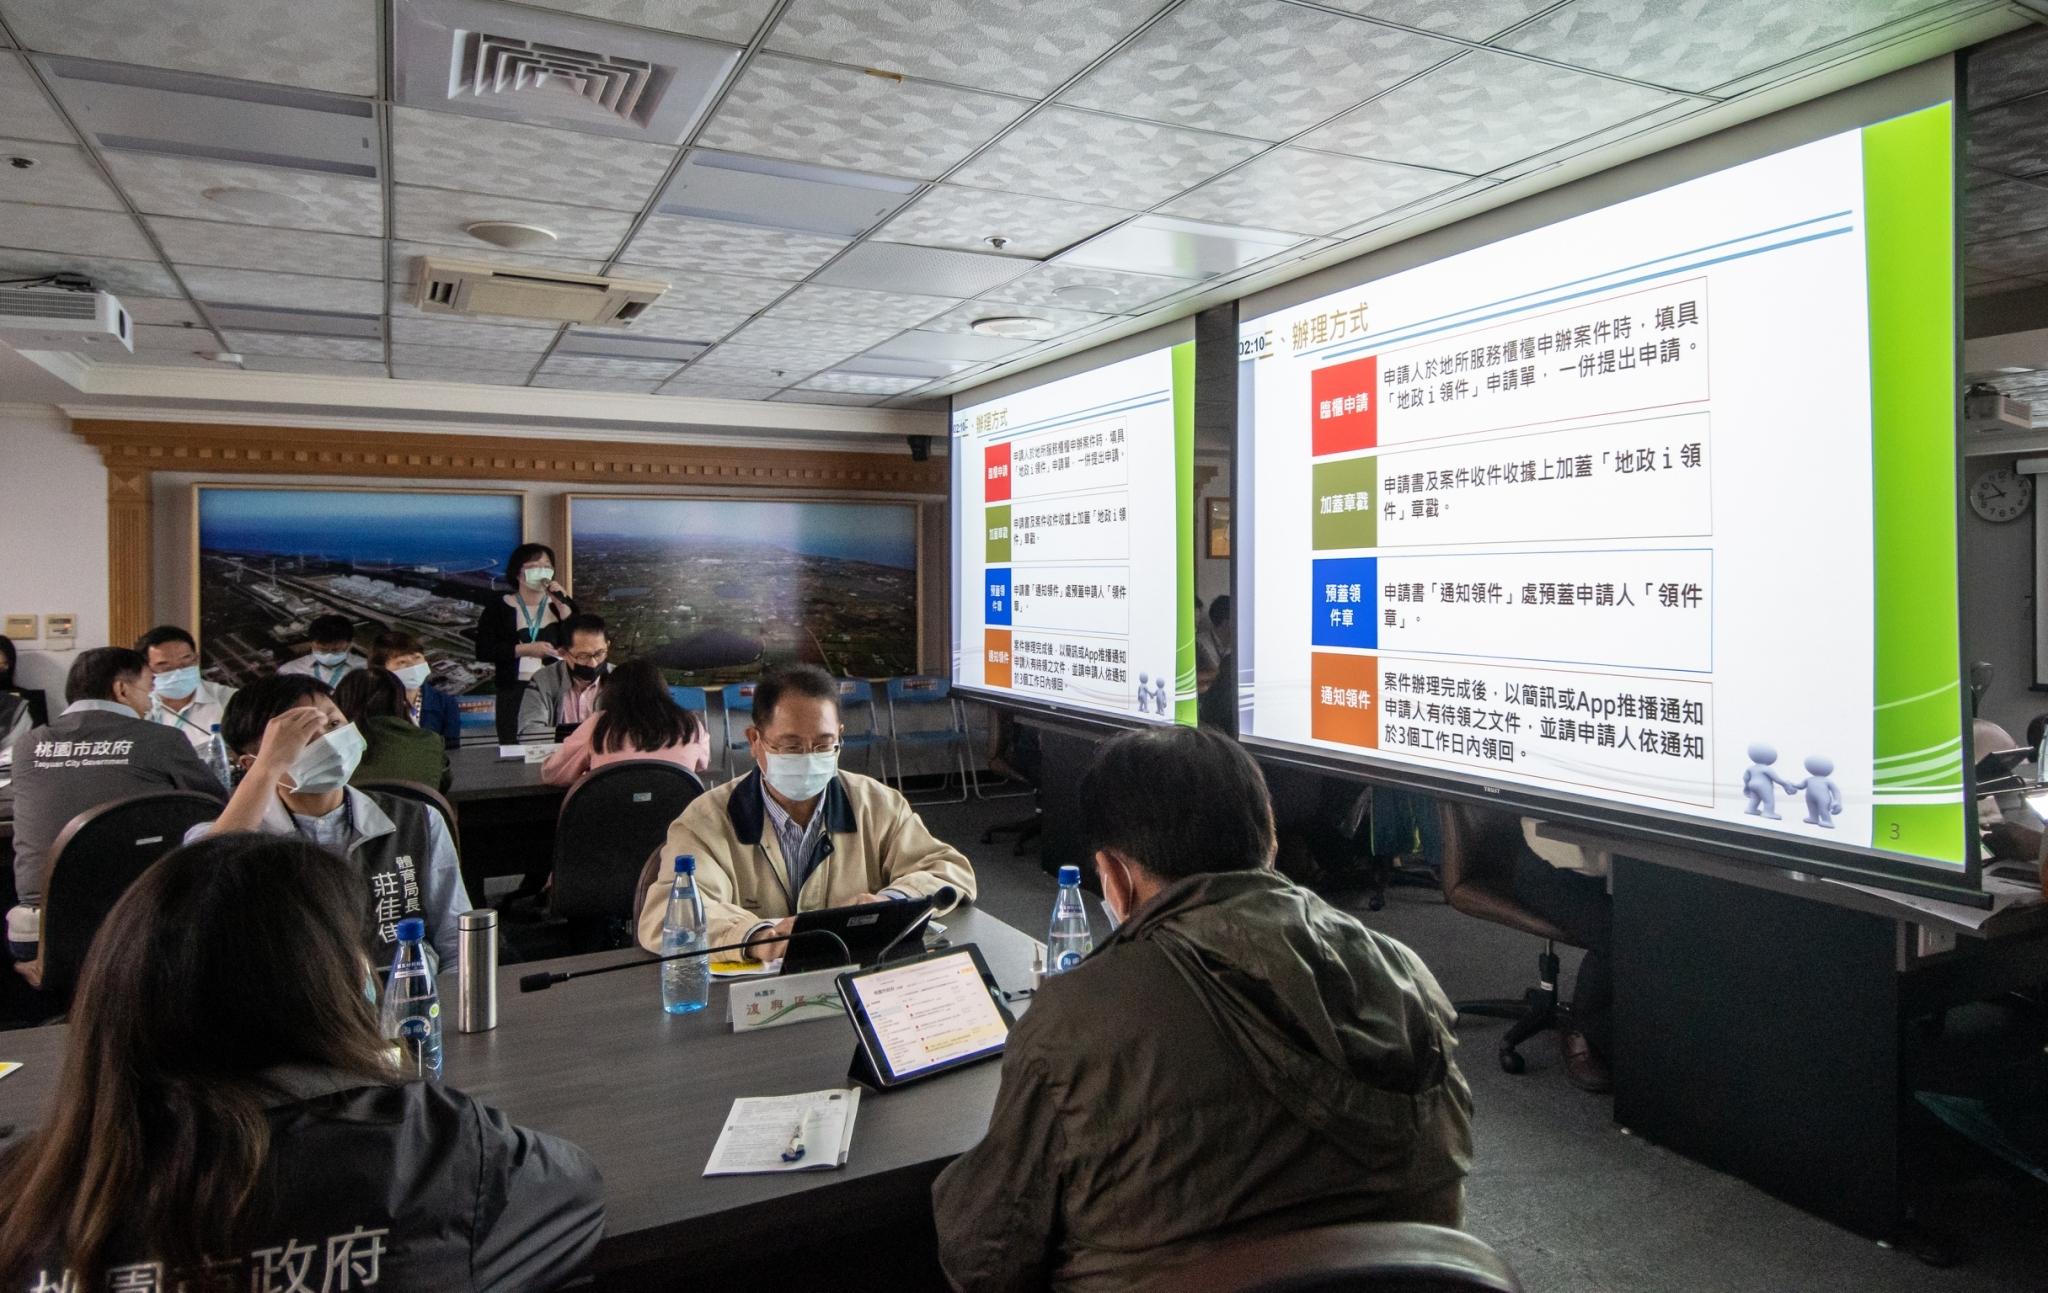 桃市府推廣地政 i 領件服務,持續應用行動網路及雲端科技,讓地政事務所成為智慧服務典範